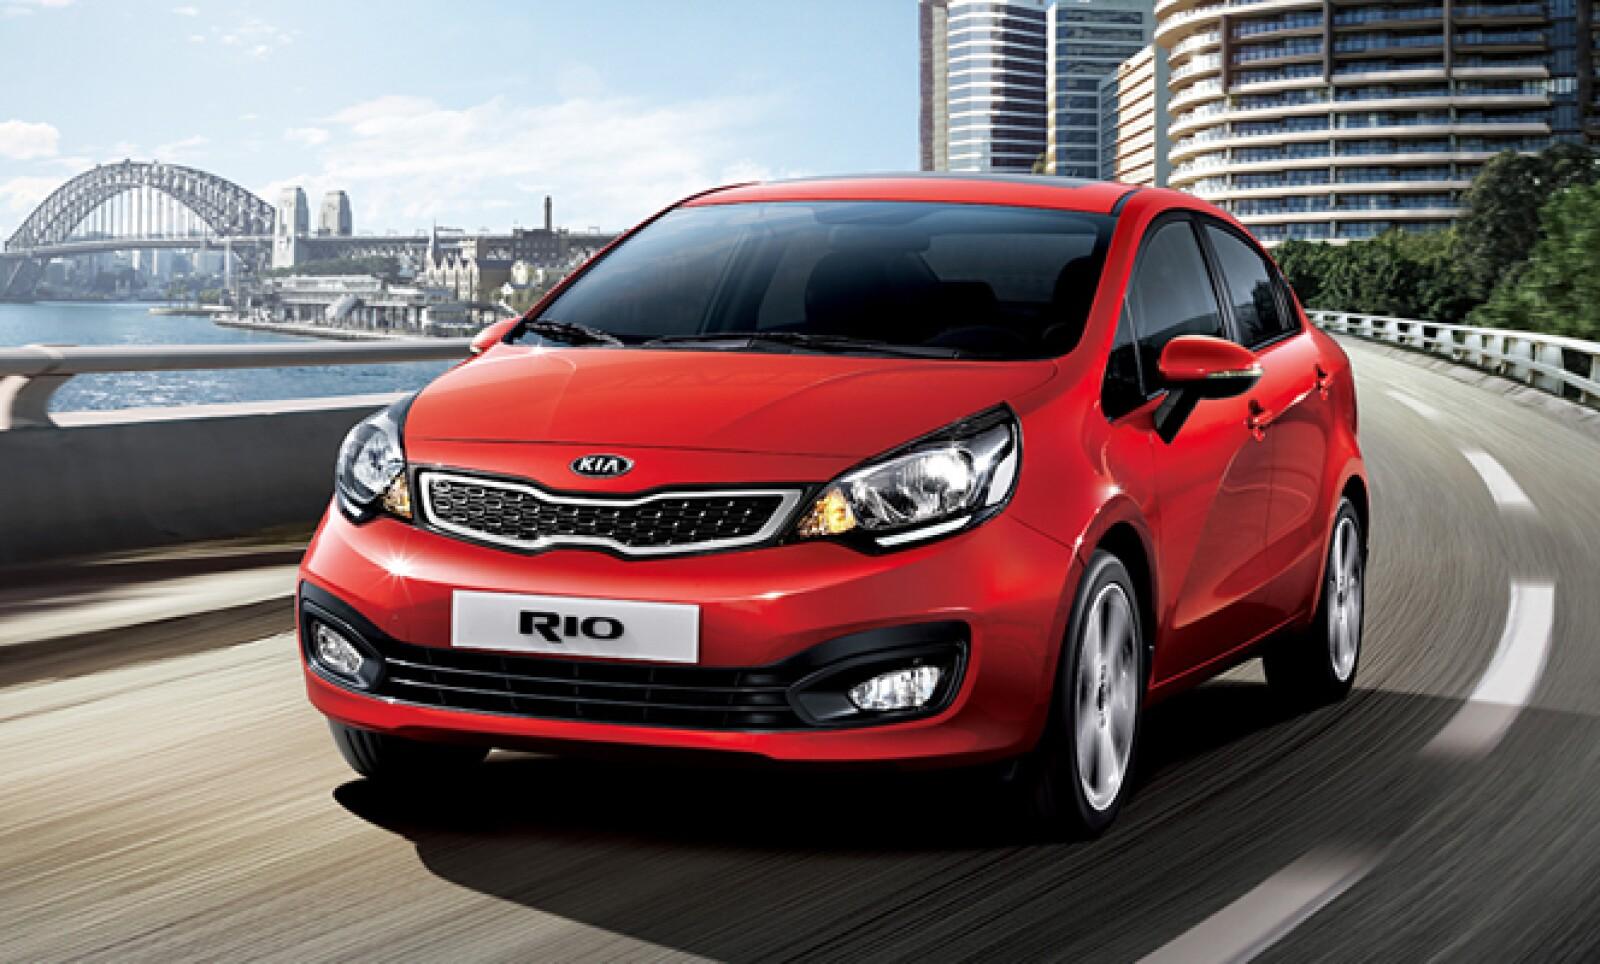 El compacto Rio se presenta como un auto que lo tiene todo tanto dentro como por fuera.